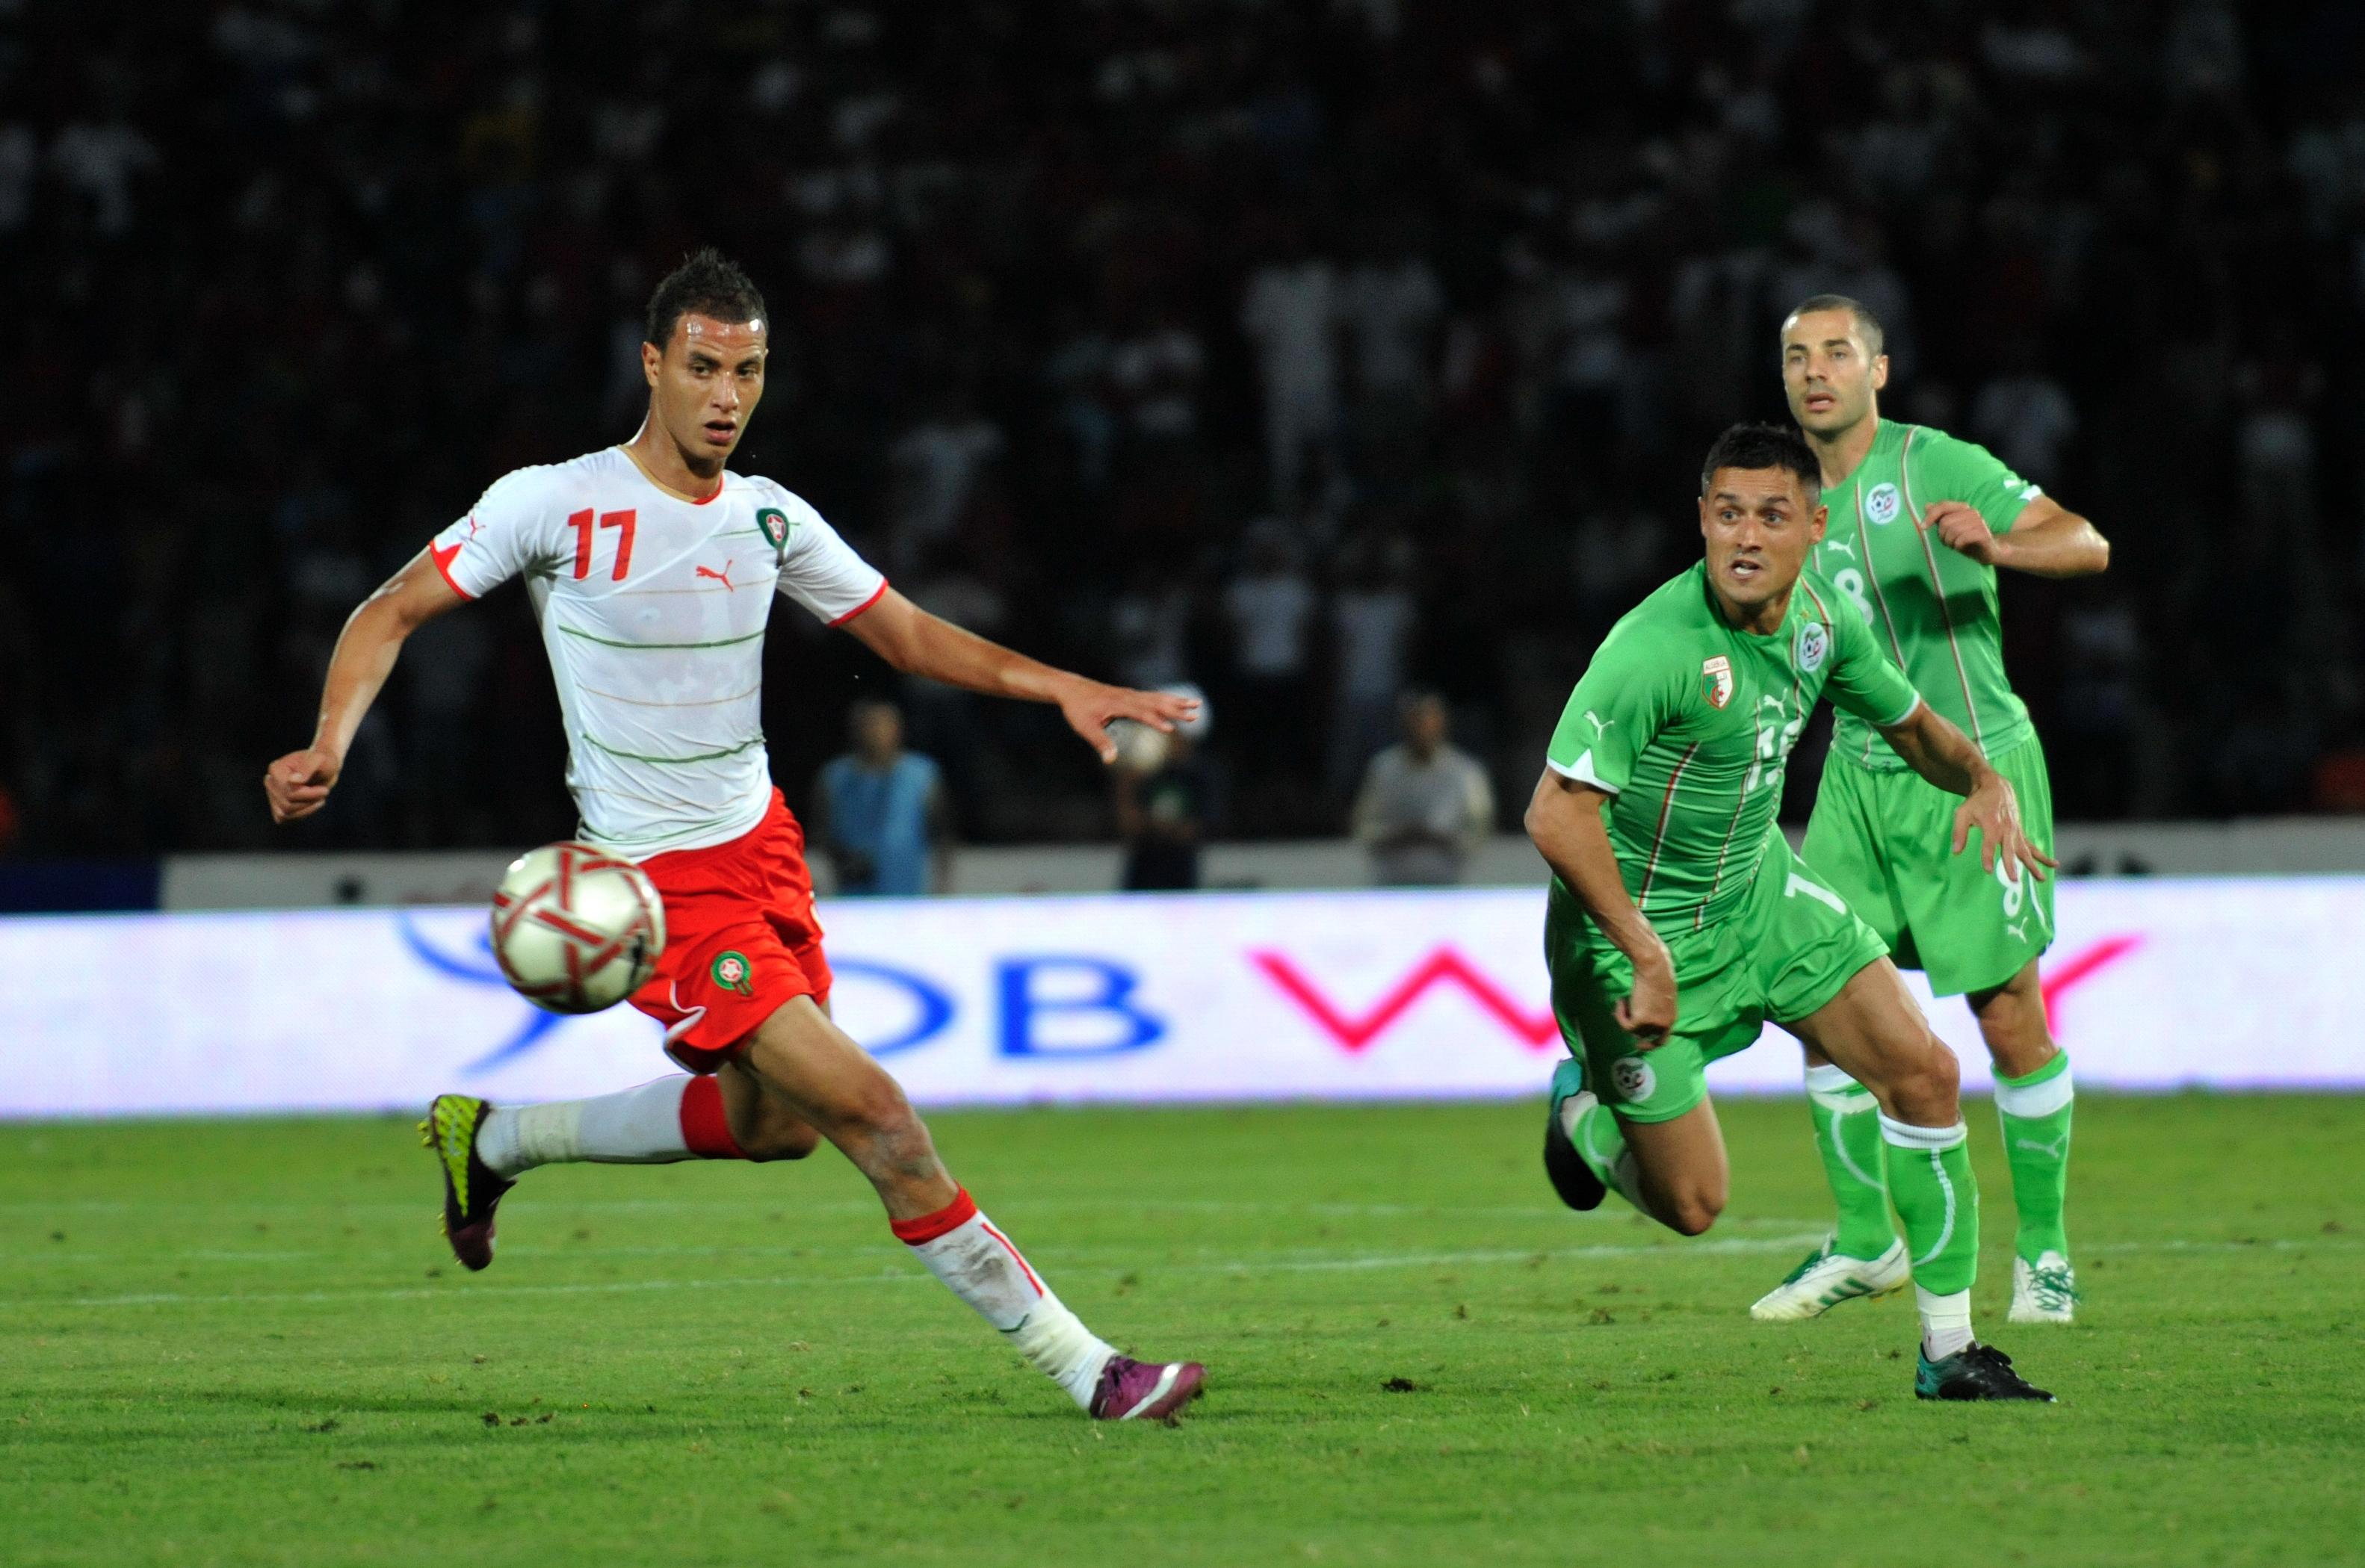 Rencontre algerie slovenie